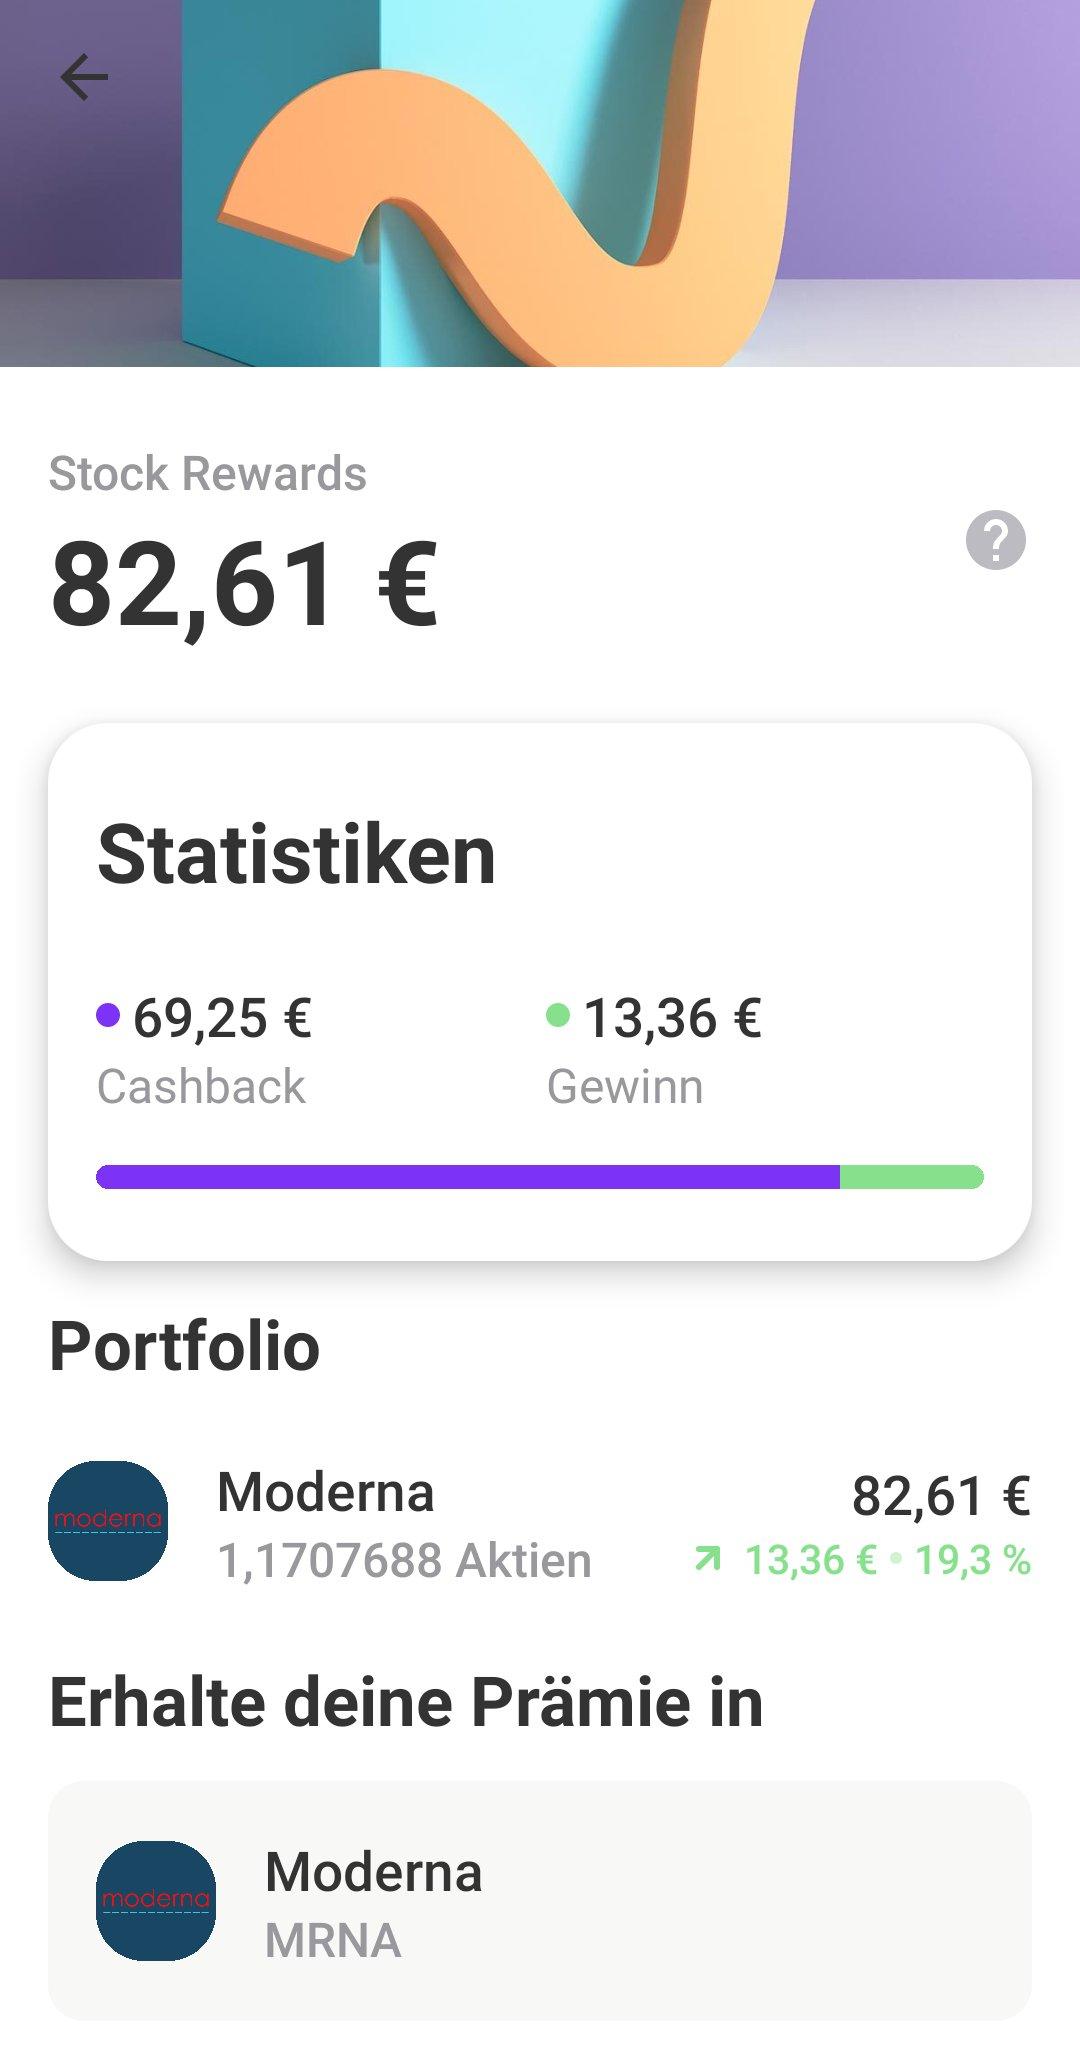 Stock Rewards